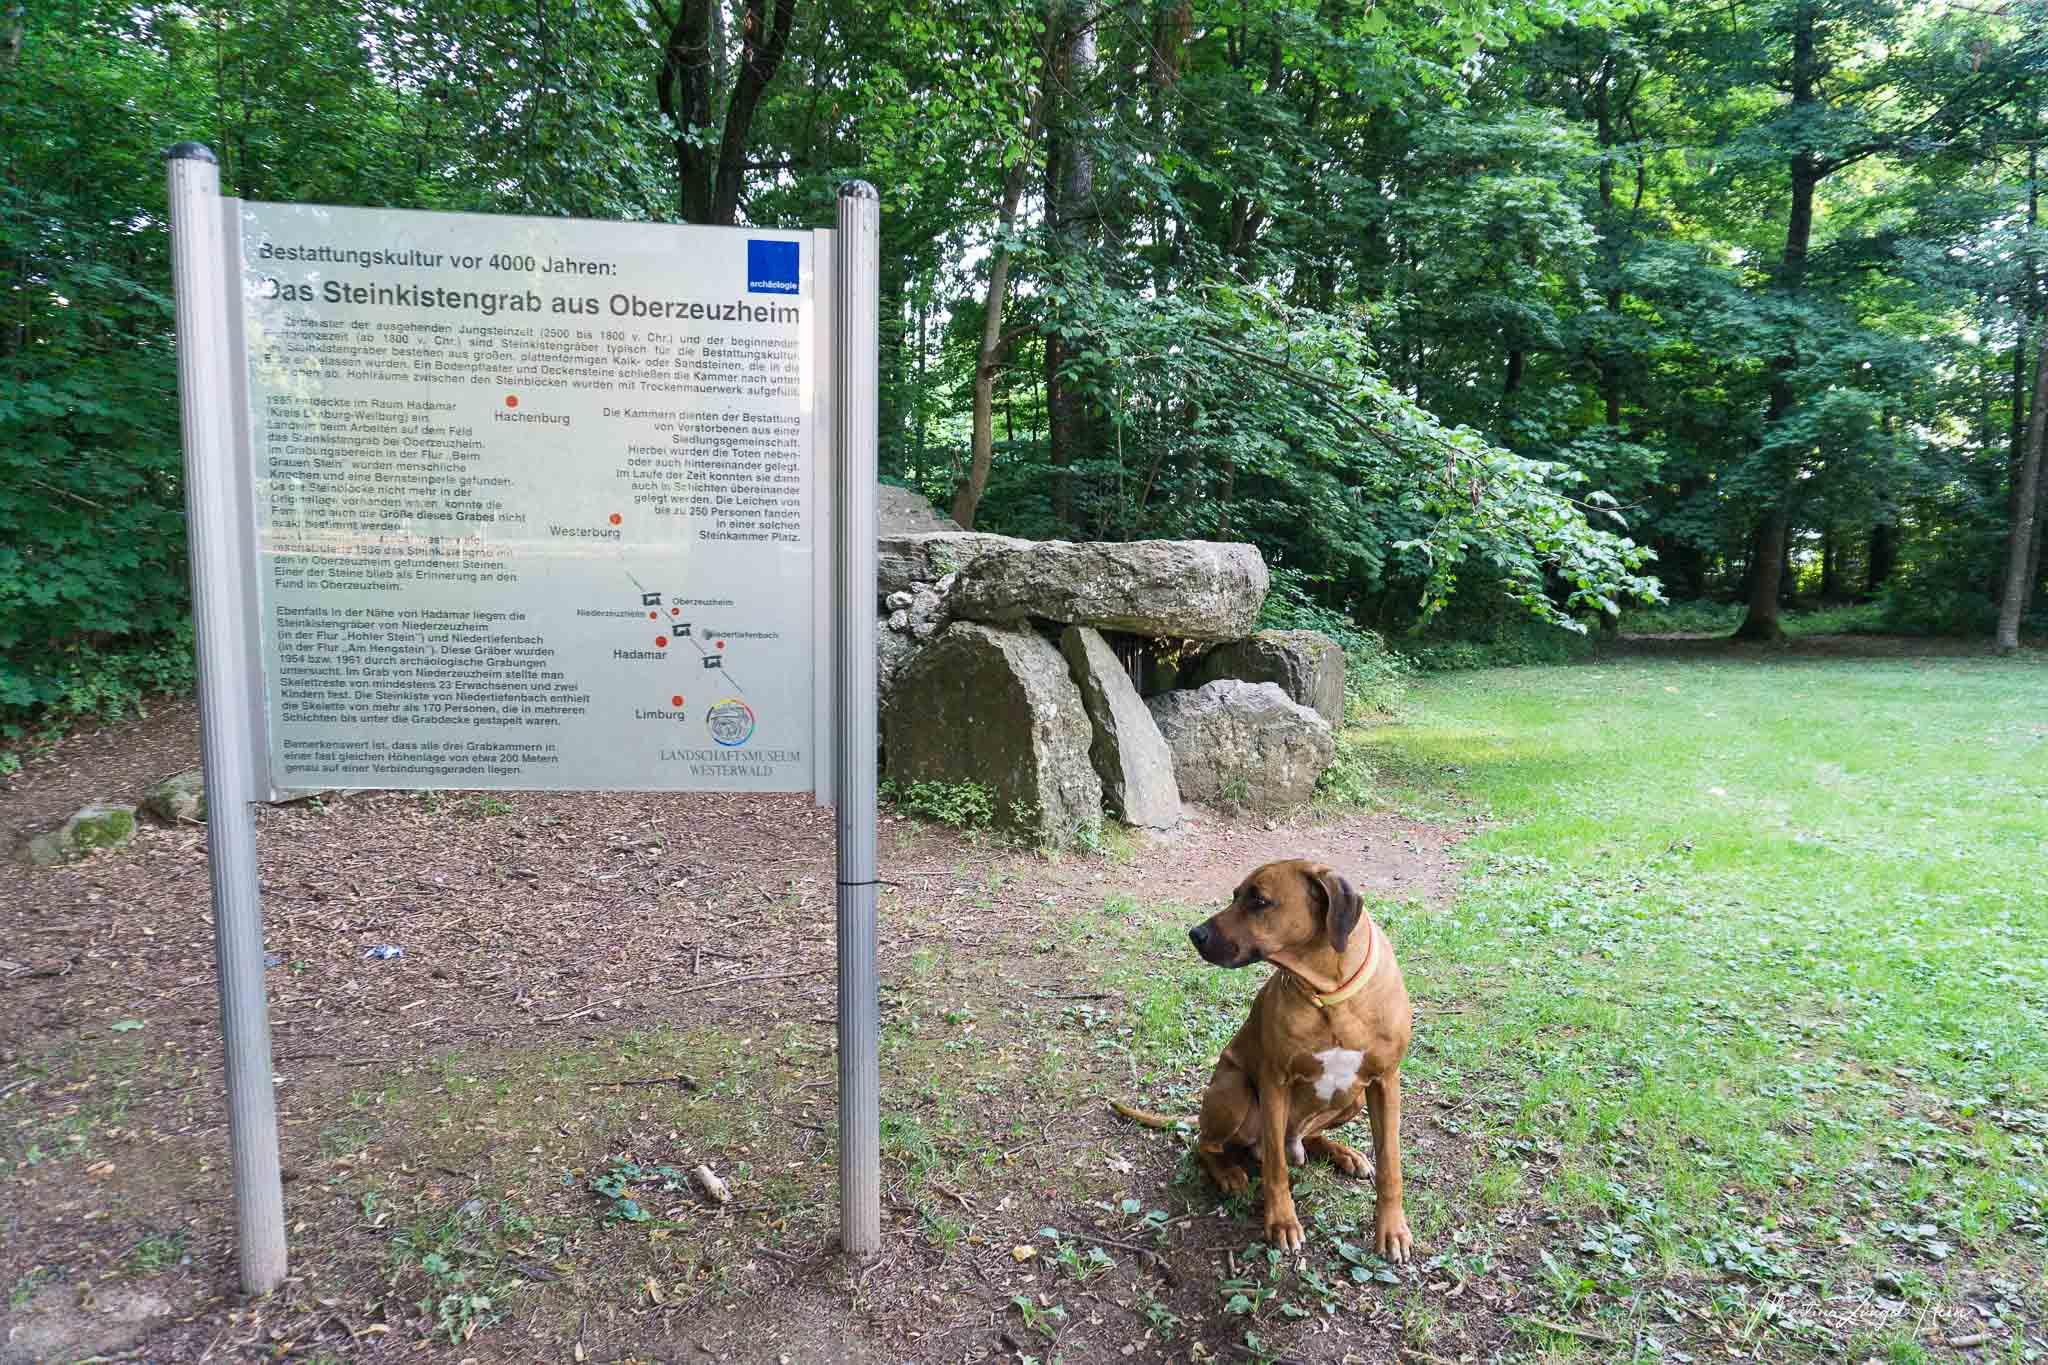 Dayo interessiert sich nicht besonders für das Steinkistengrab aus Oberzeuzheim